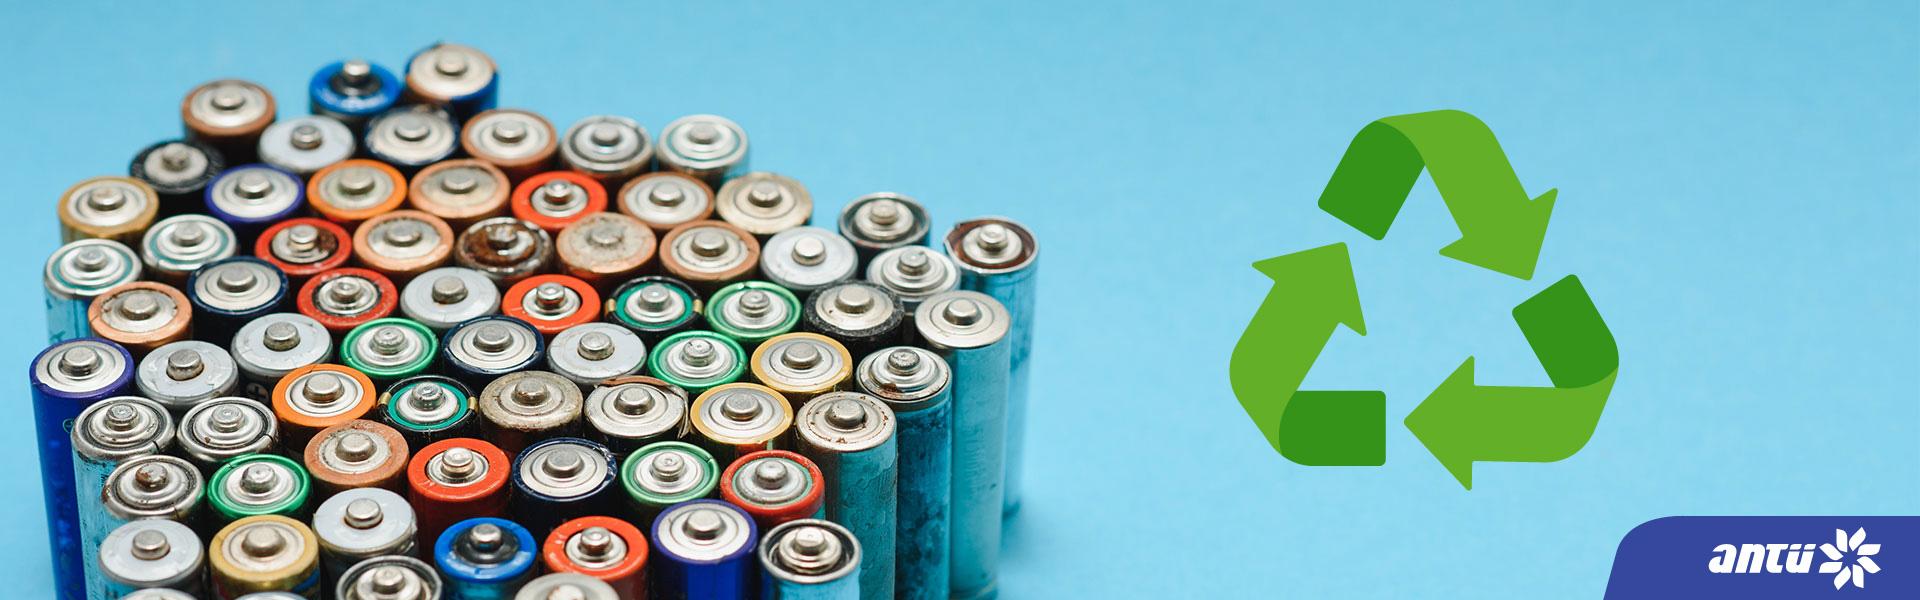 Cómo reciclar tus pilas y baterías thumbnail